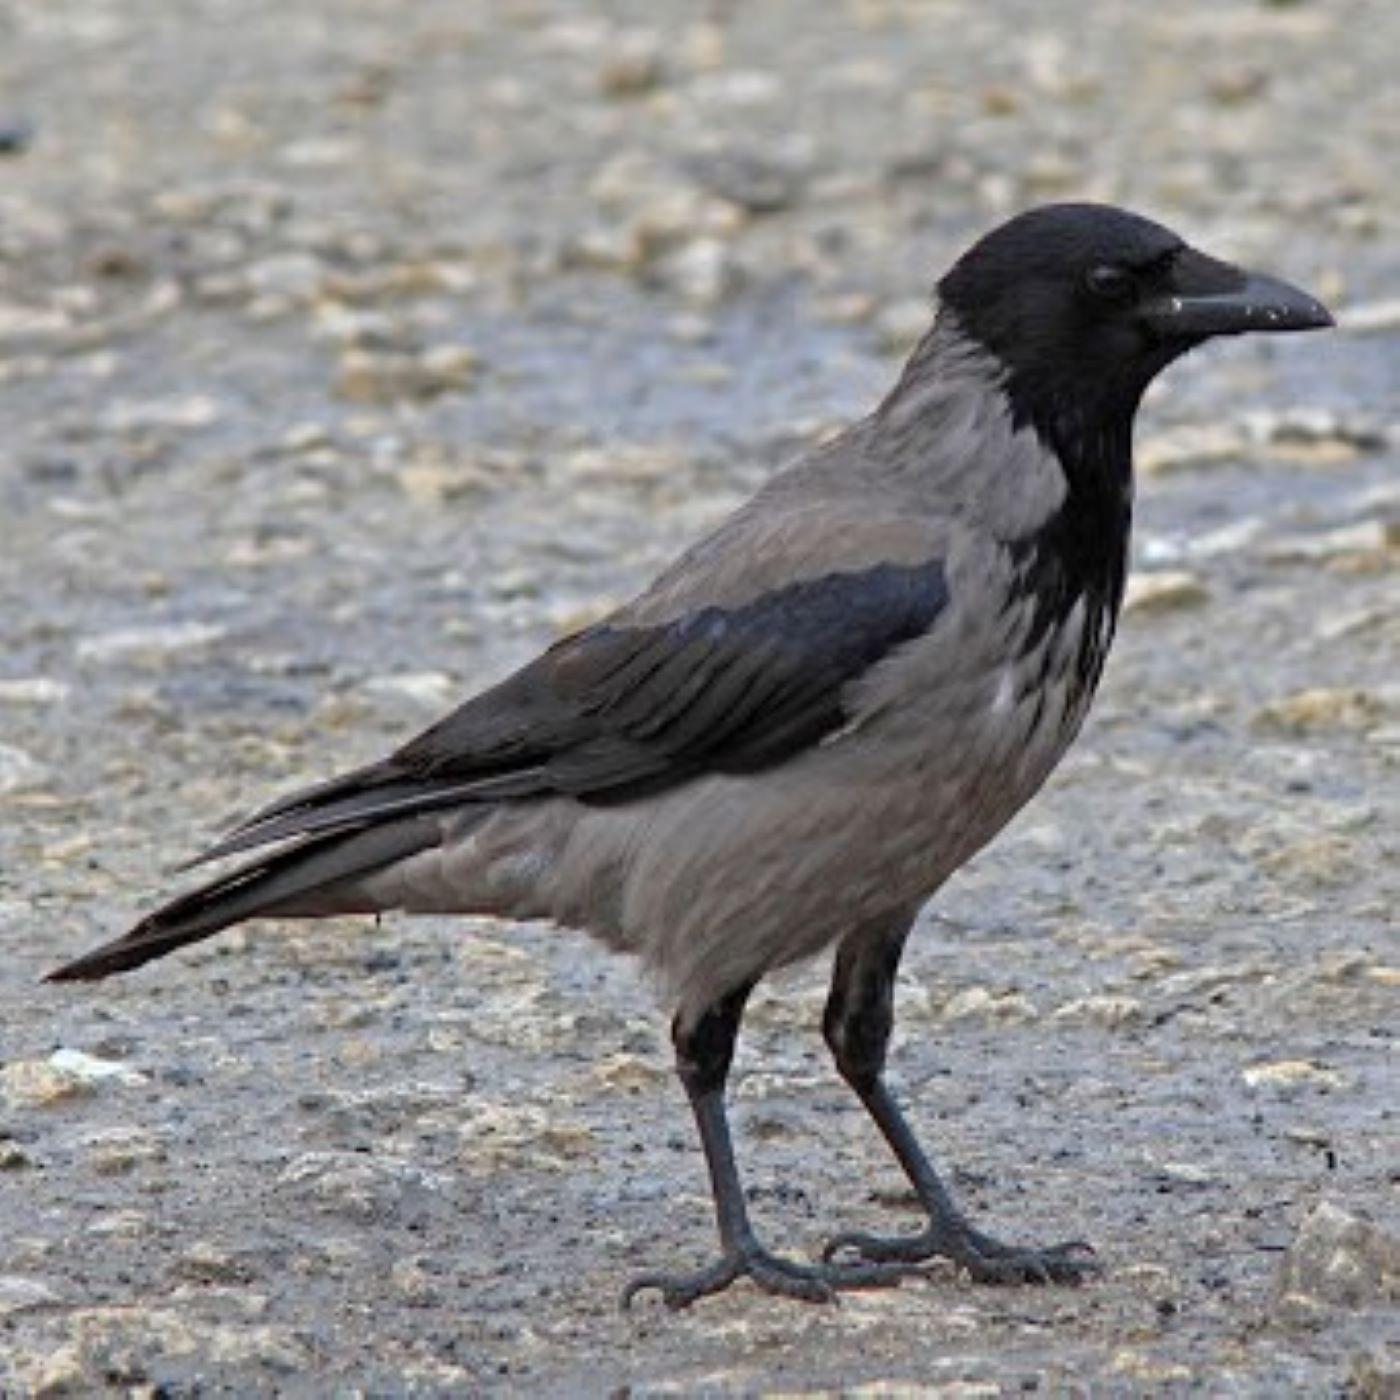 Şehir Kuşçusu 10: Kedi maması ve leş kargası denklemi